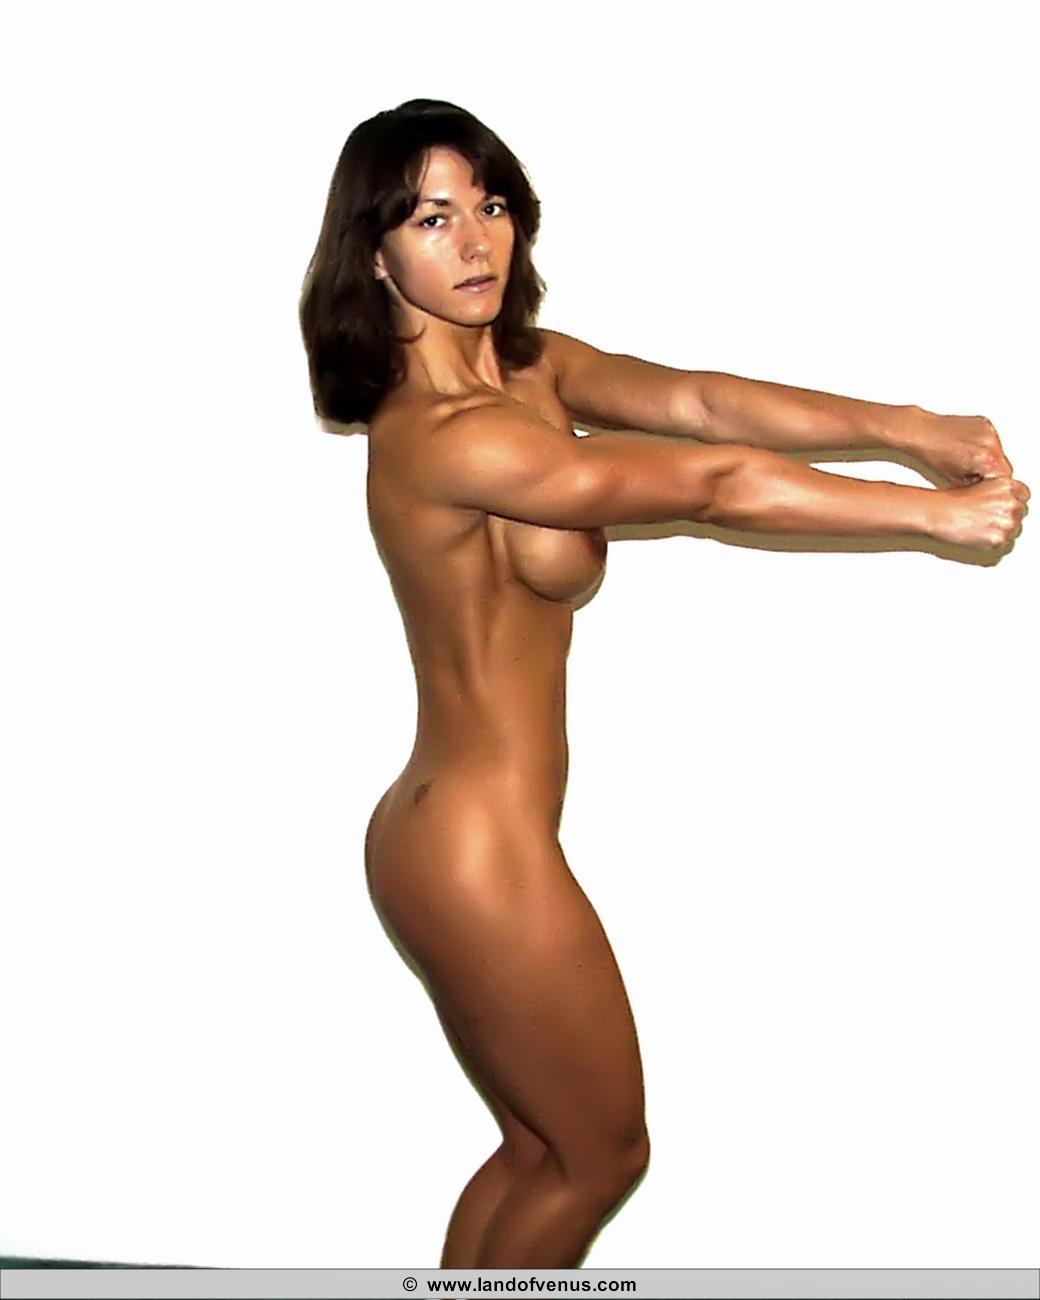 landofvenus live webcam and sexcam with Nude webcam girl ...